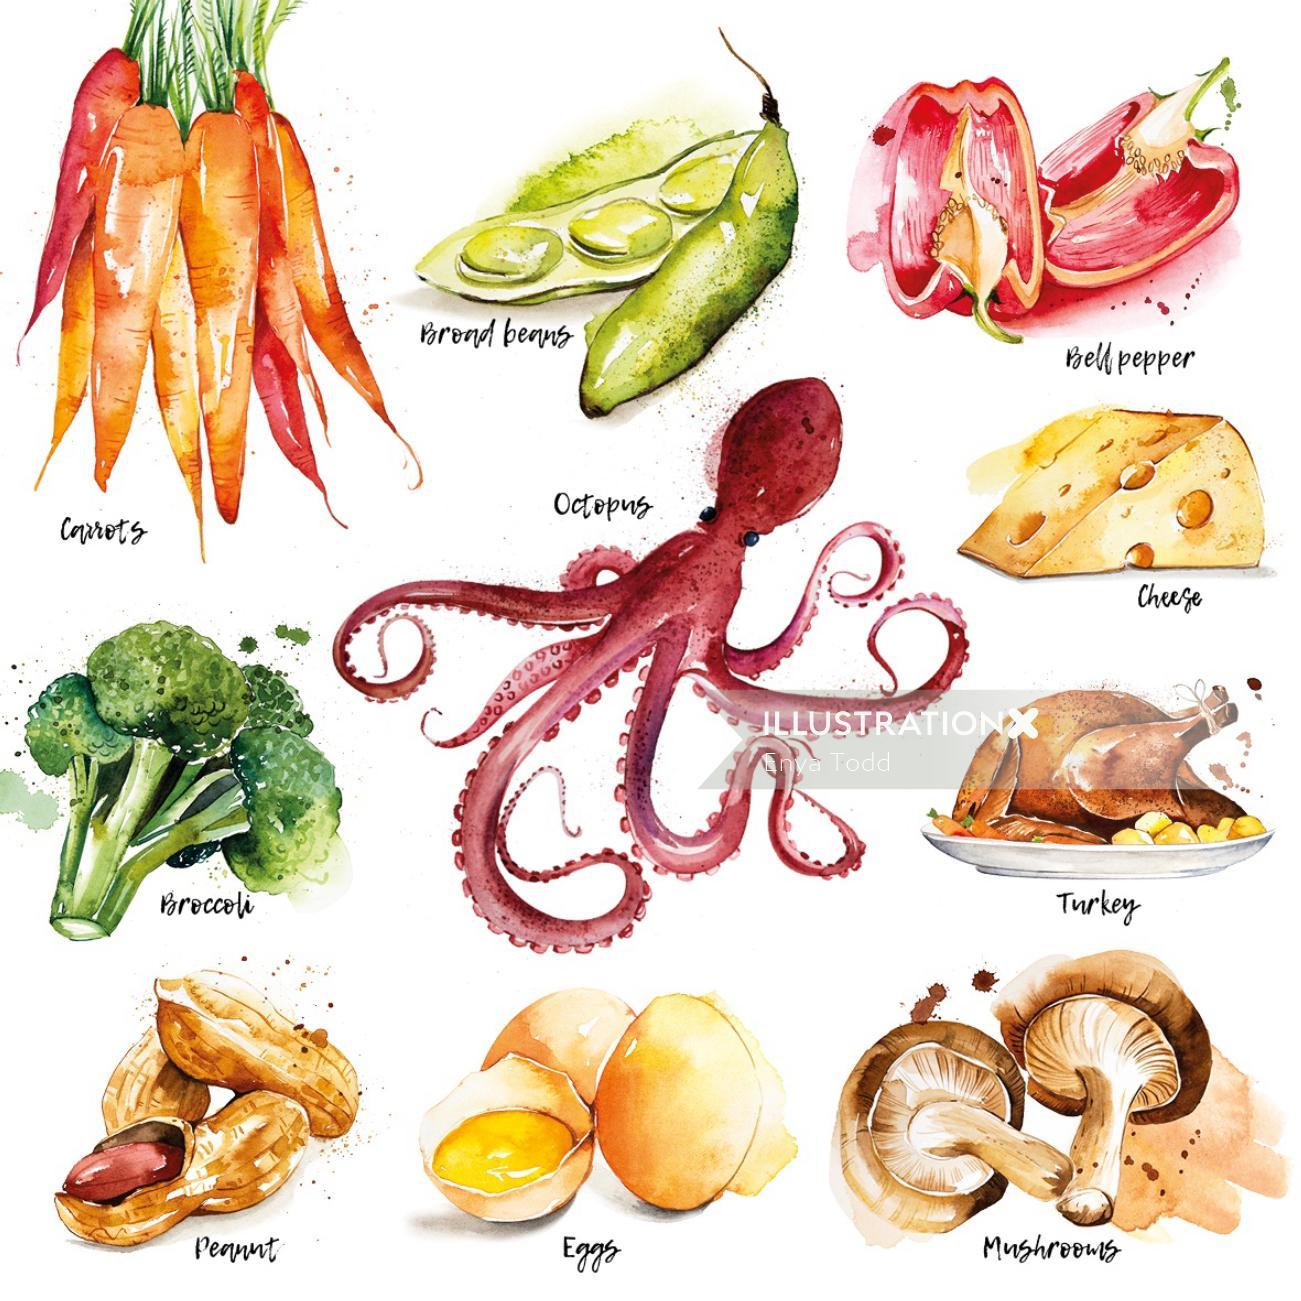 Vegetables illustration by Enya Todd